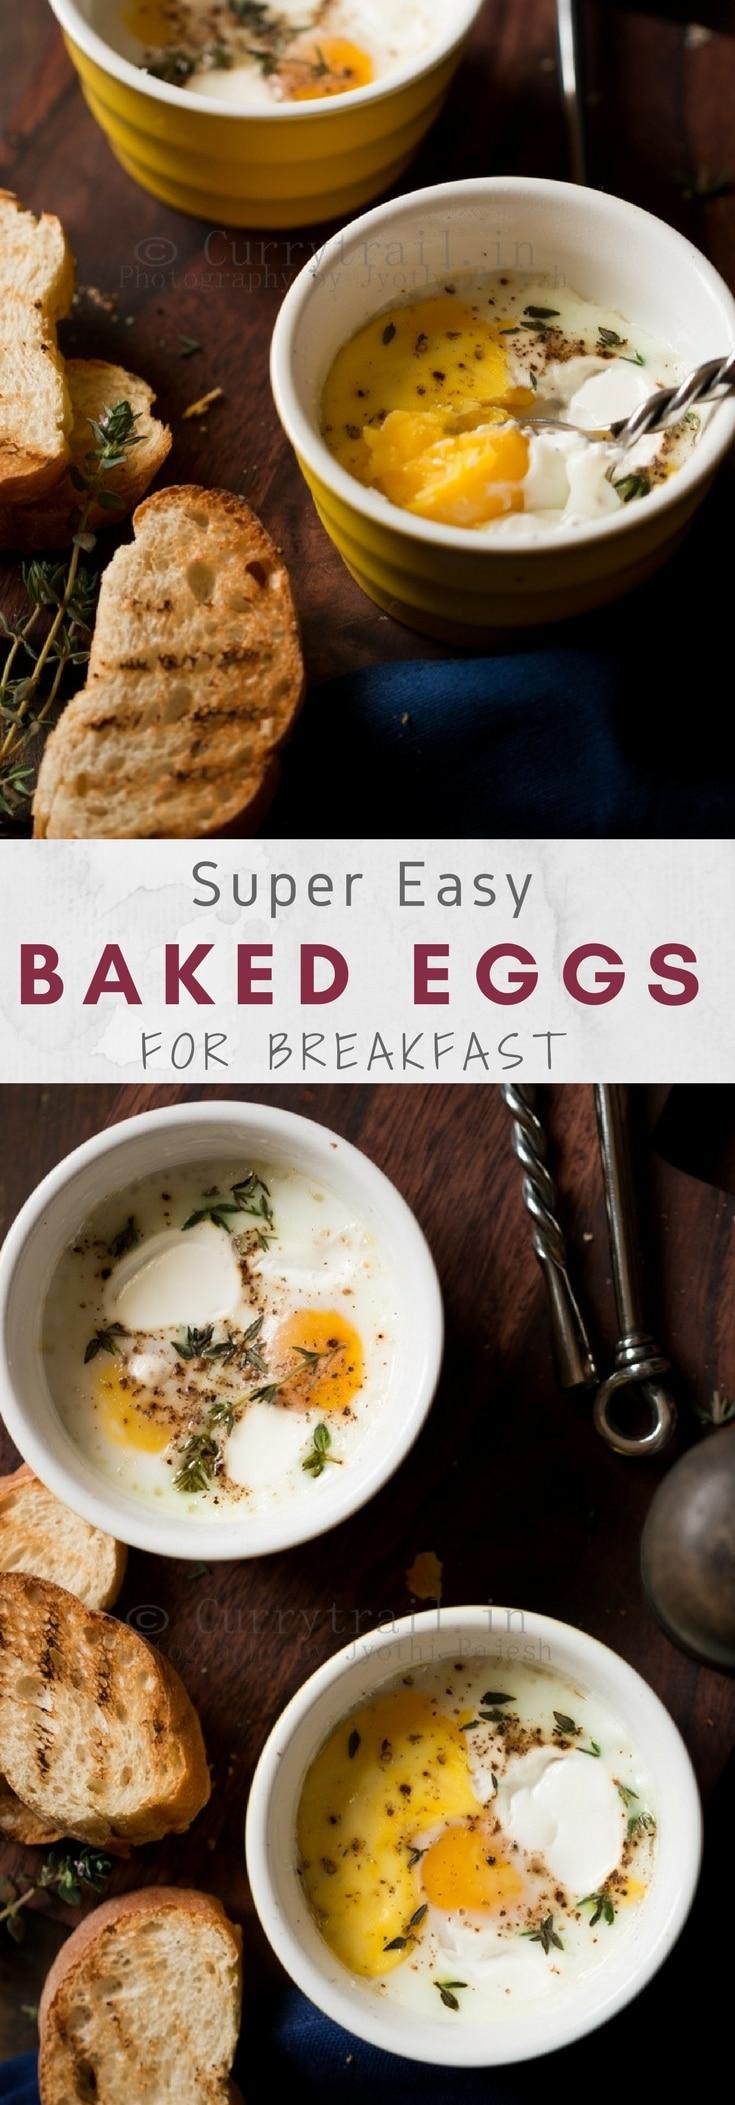 Baked Breakfast Eggs Pinterest Image